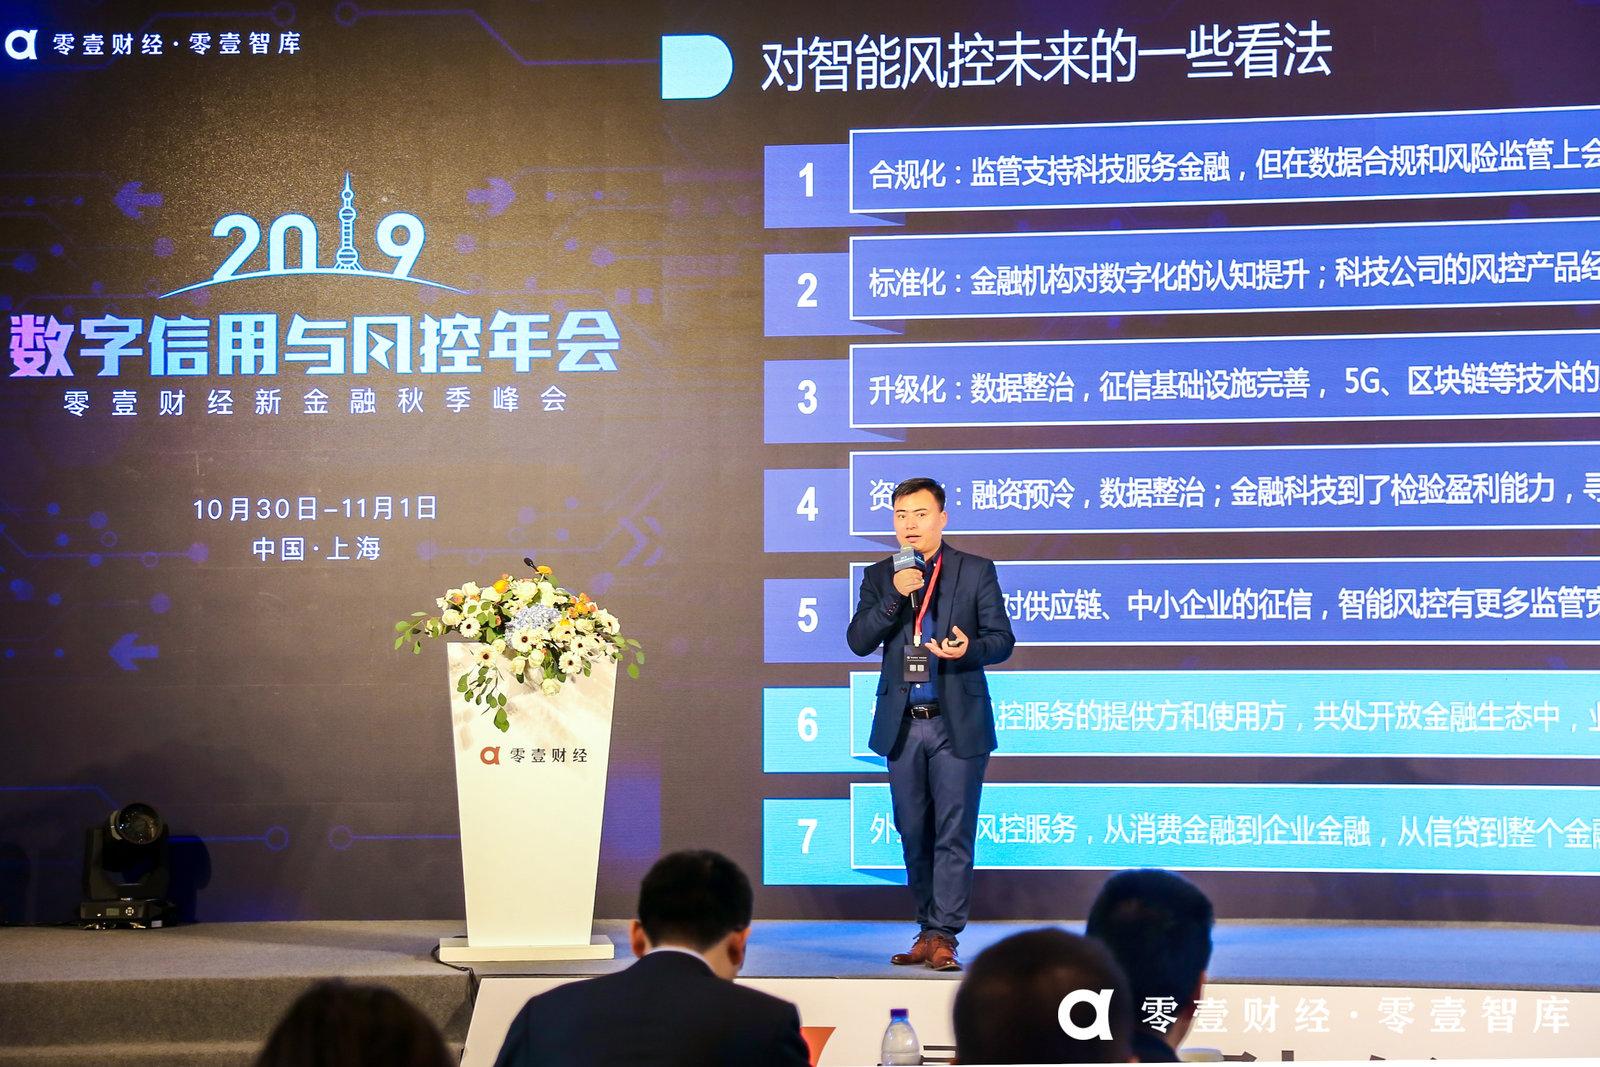 零壹研究院院长于百程发布《进化与分化:零壹智能风控兵器谱报告2019》